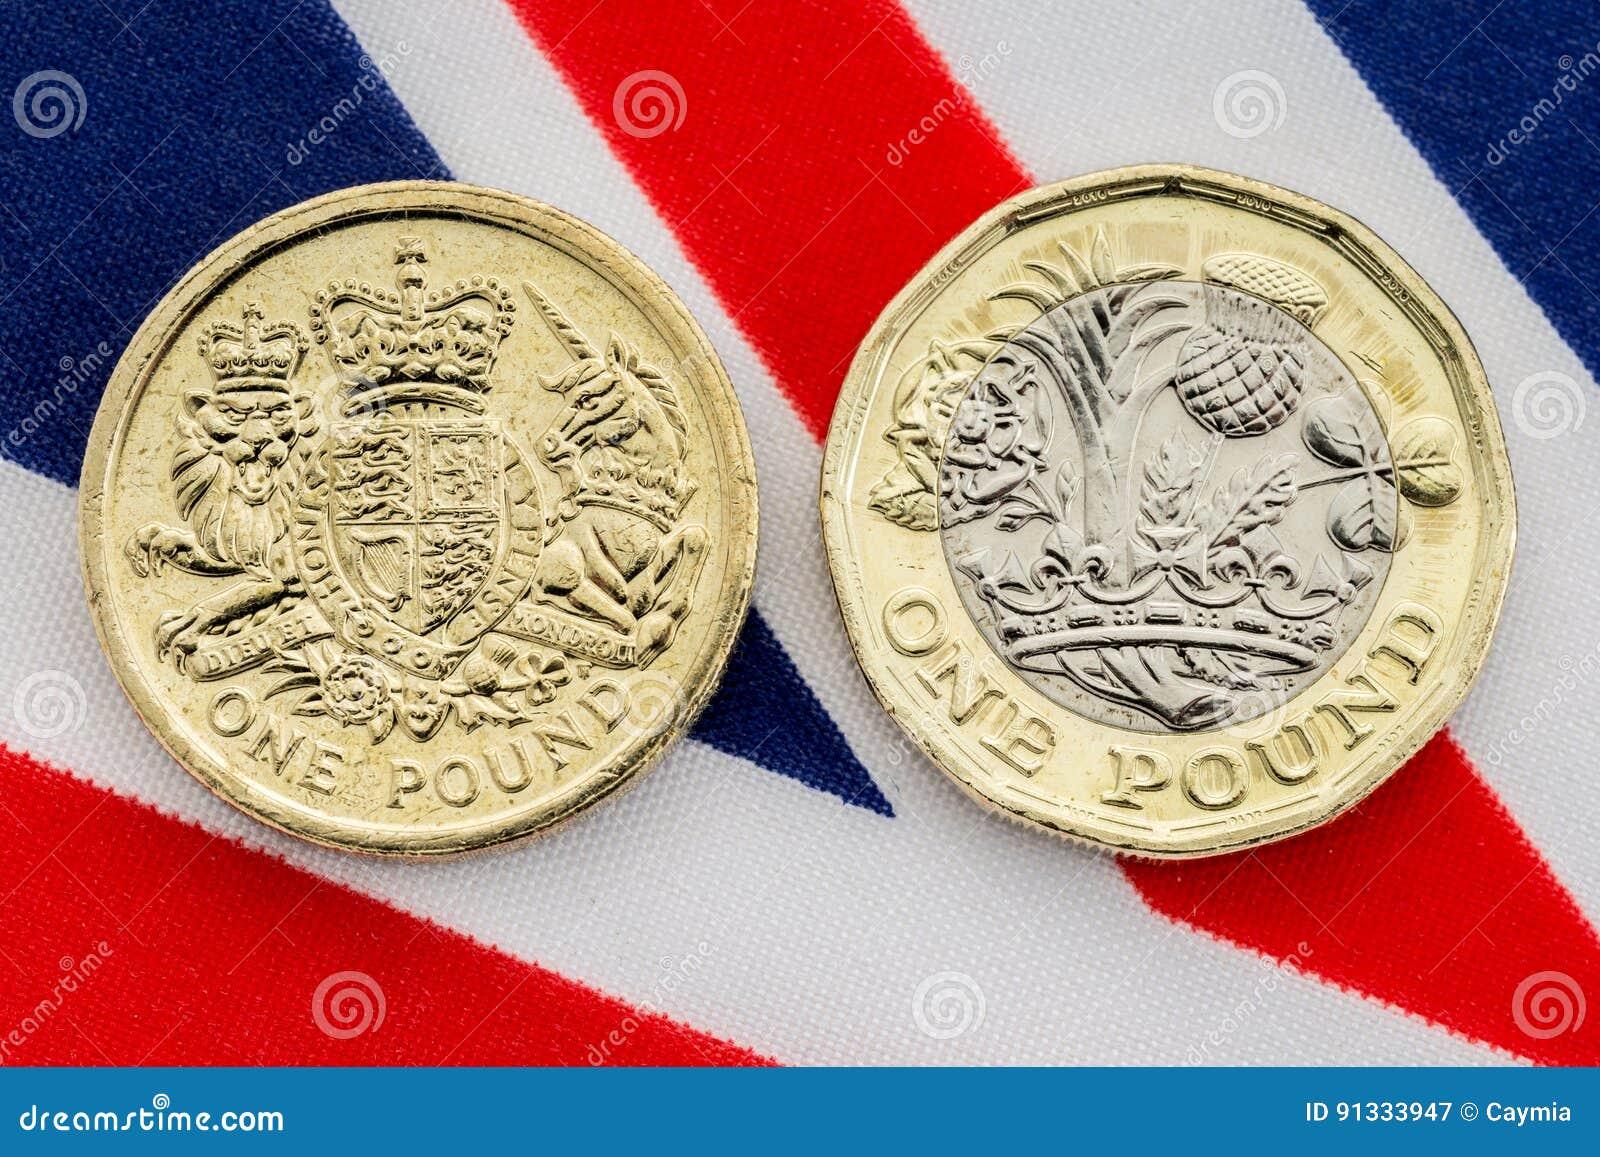 Jämförelse av gamla och nya mynt för brittiskt pund svanar